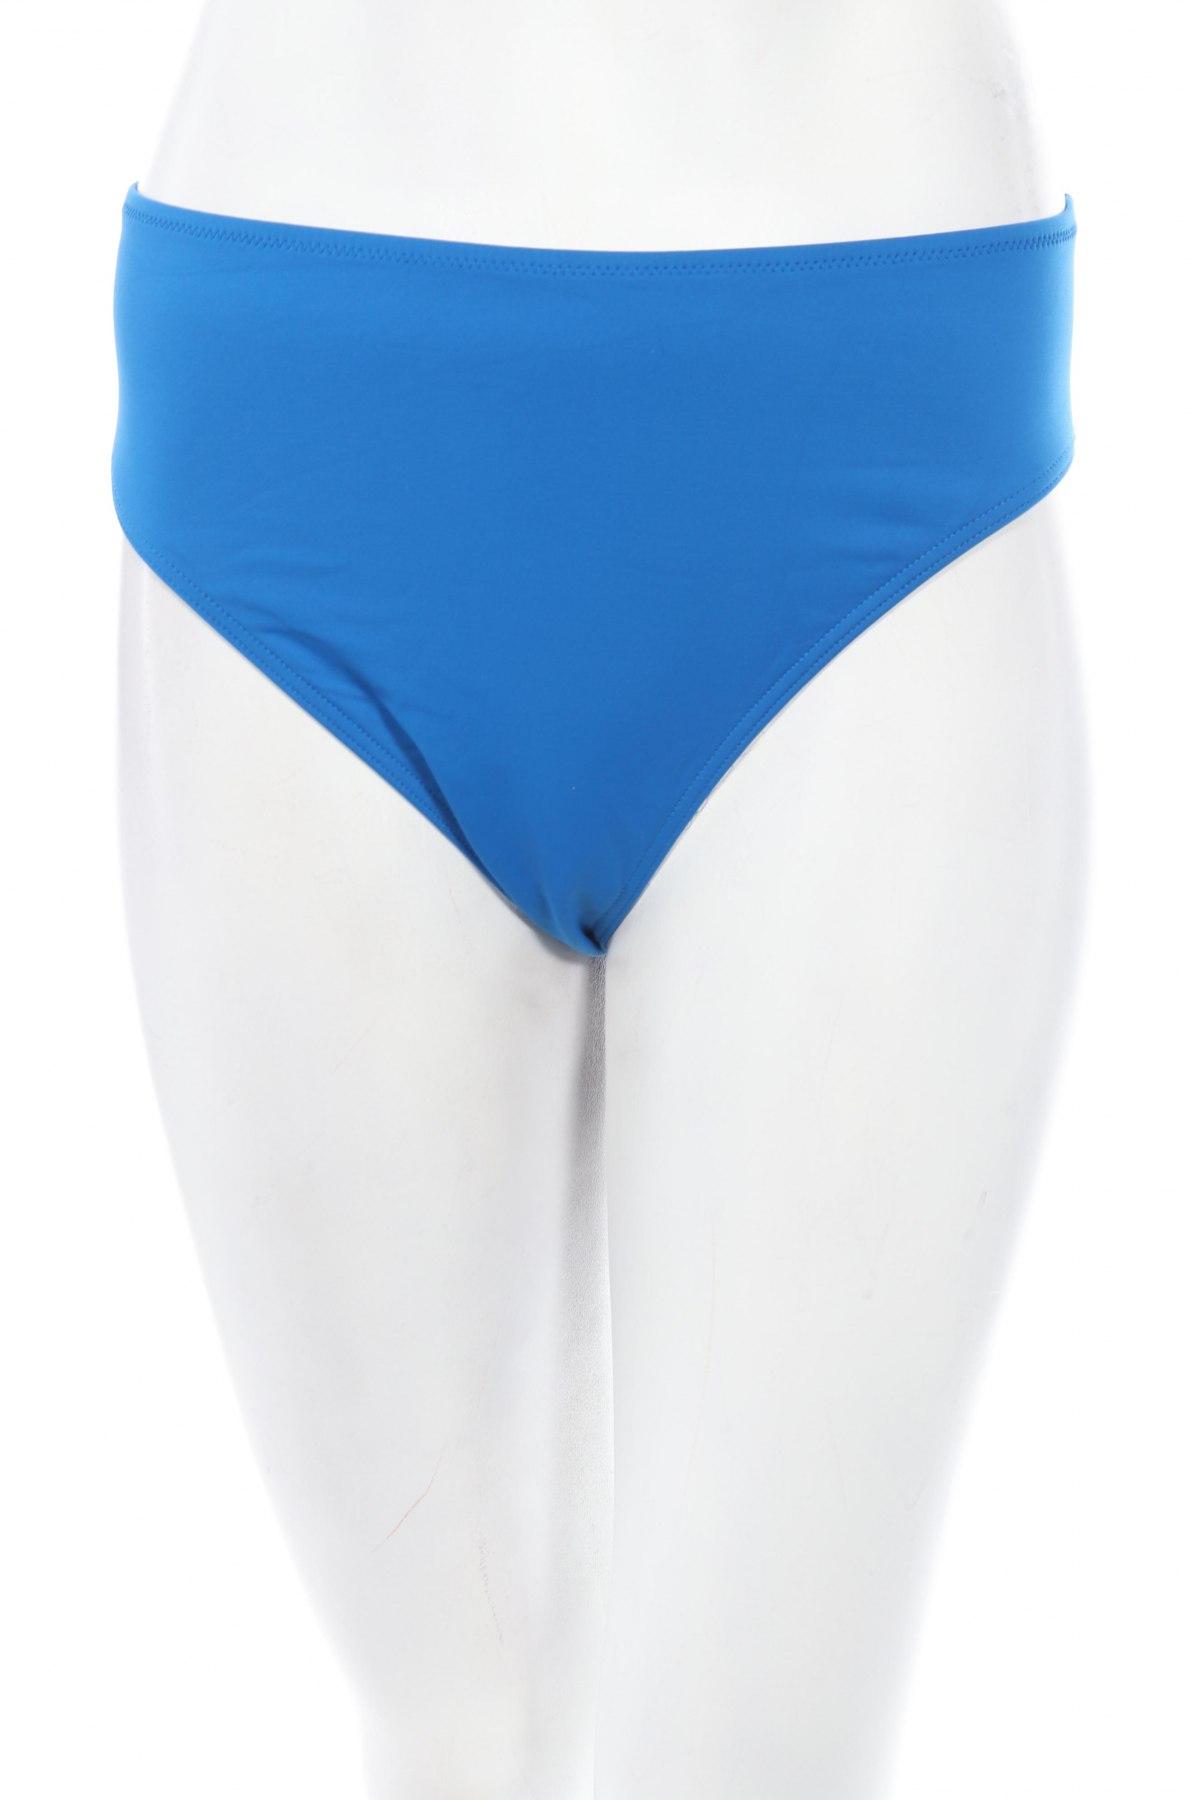 Дамски бански Cyell, Размер XL, Цвят Син, 80% полиамид, 20% еластан, Цена 23,10лв.